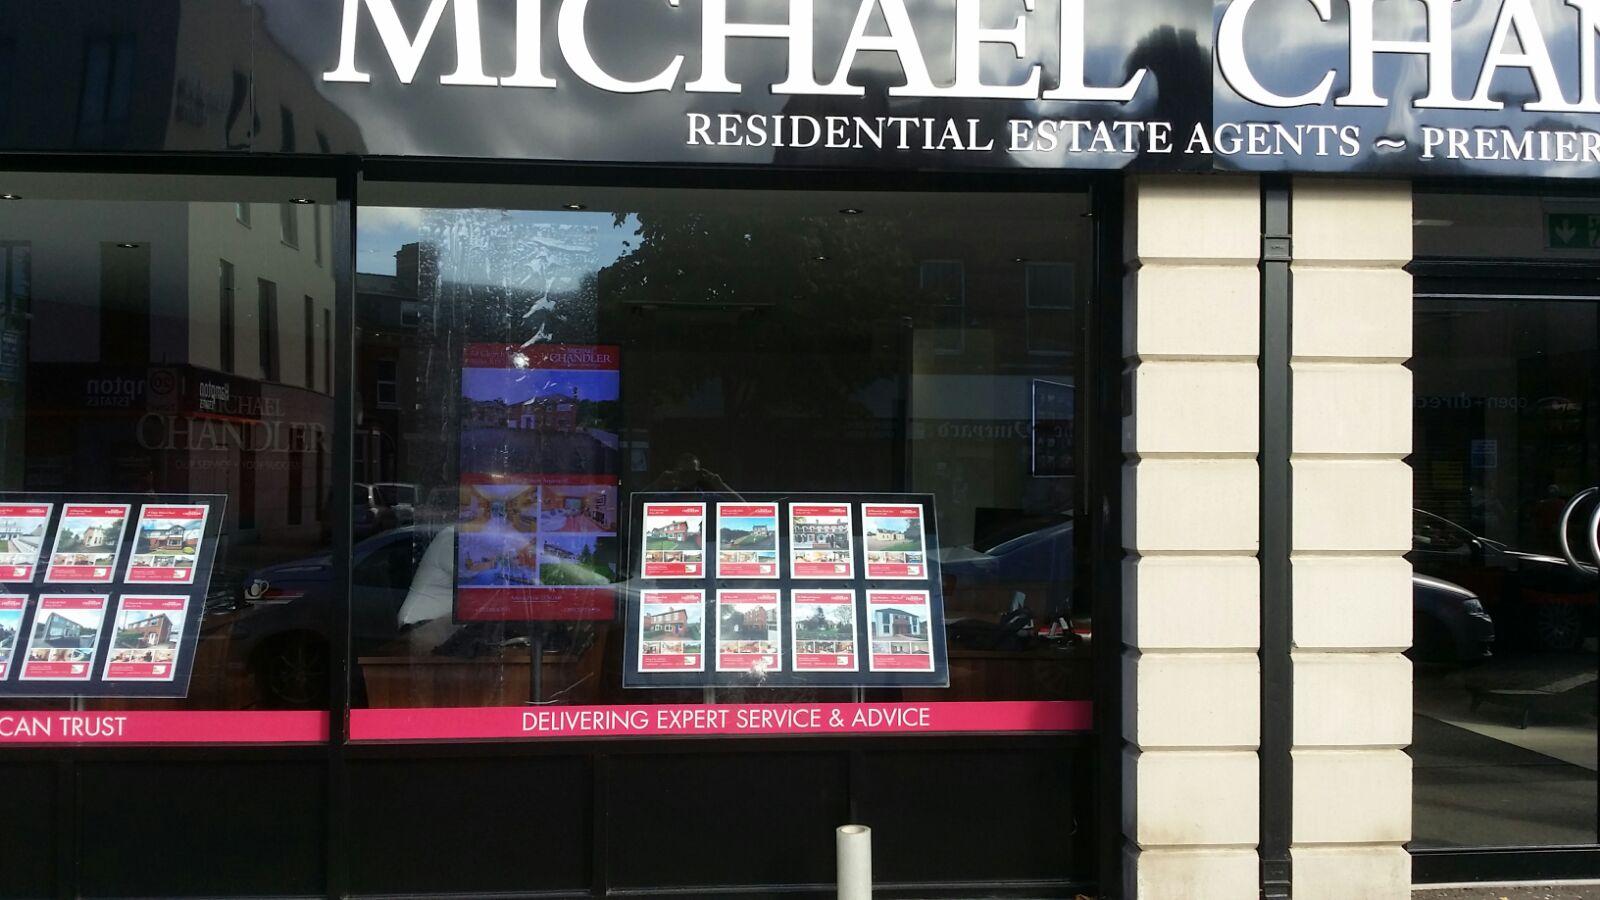 MICHAEL shop front